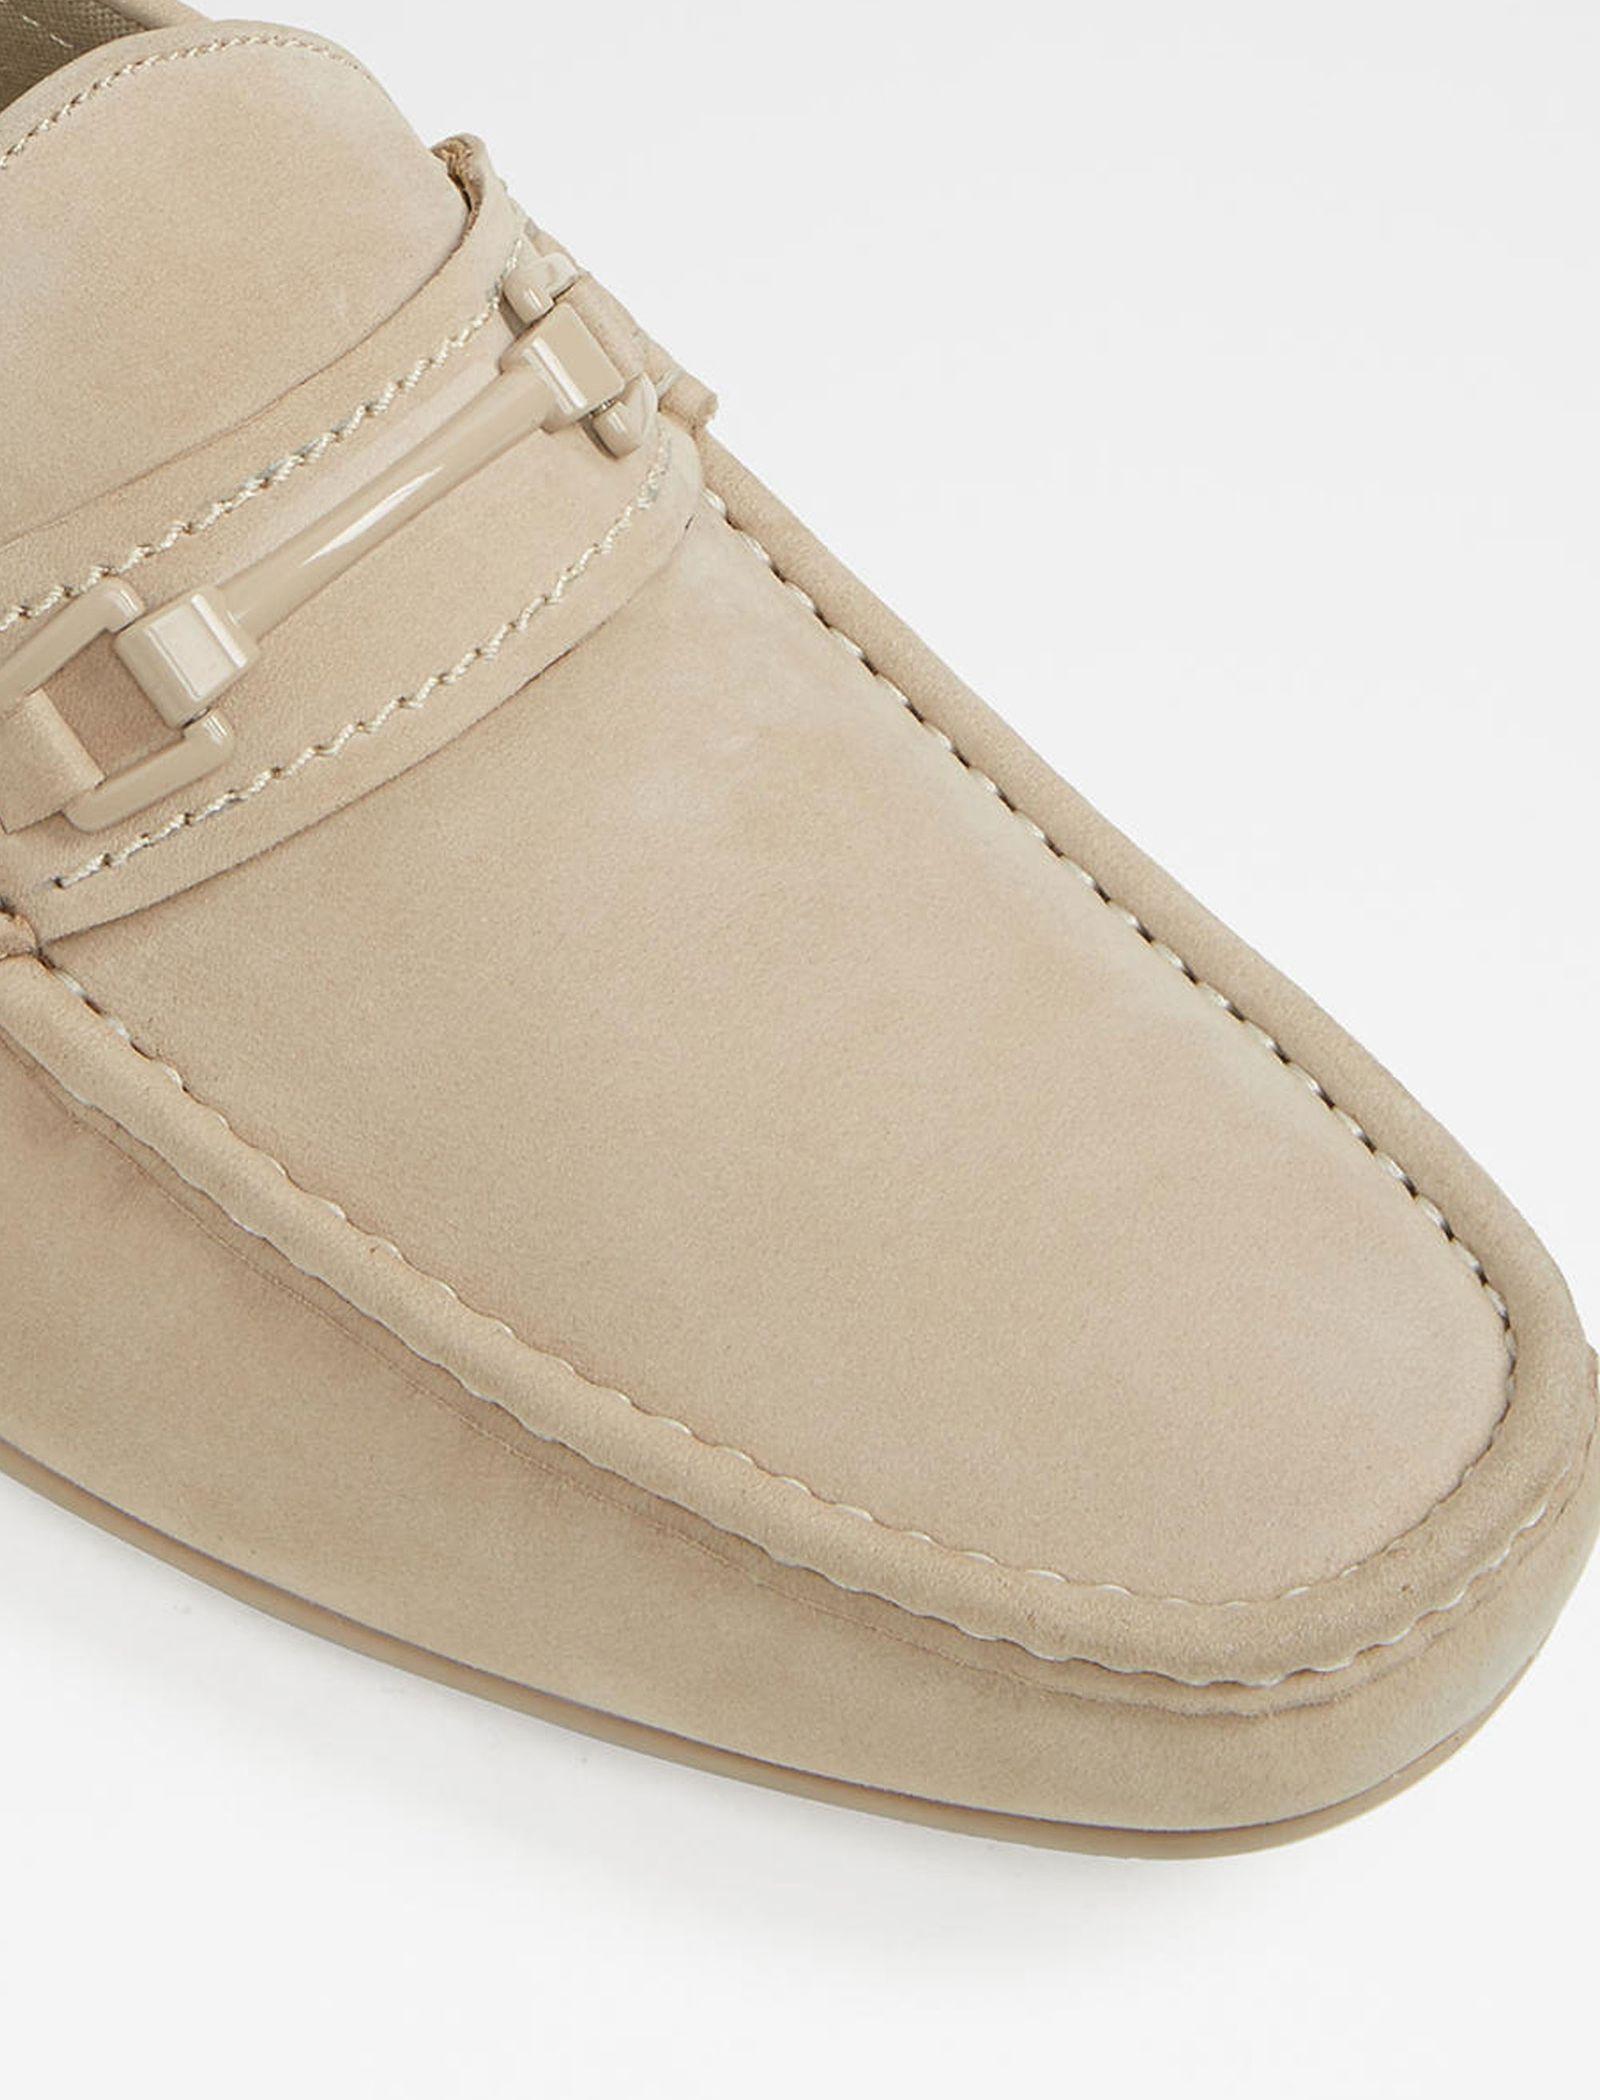 کفش چرم راحتی یکسره مردانه - آلدو - کرم - 3